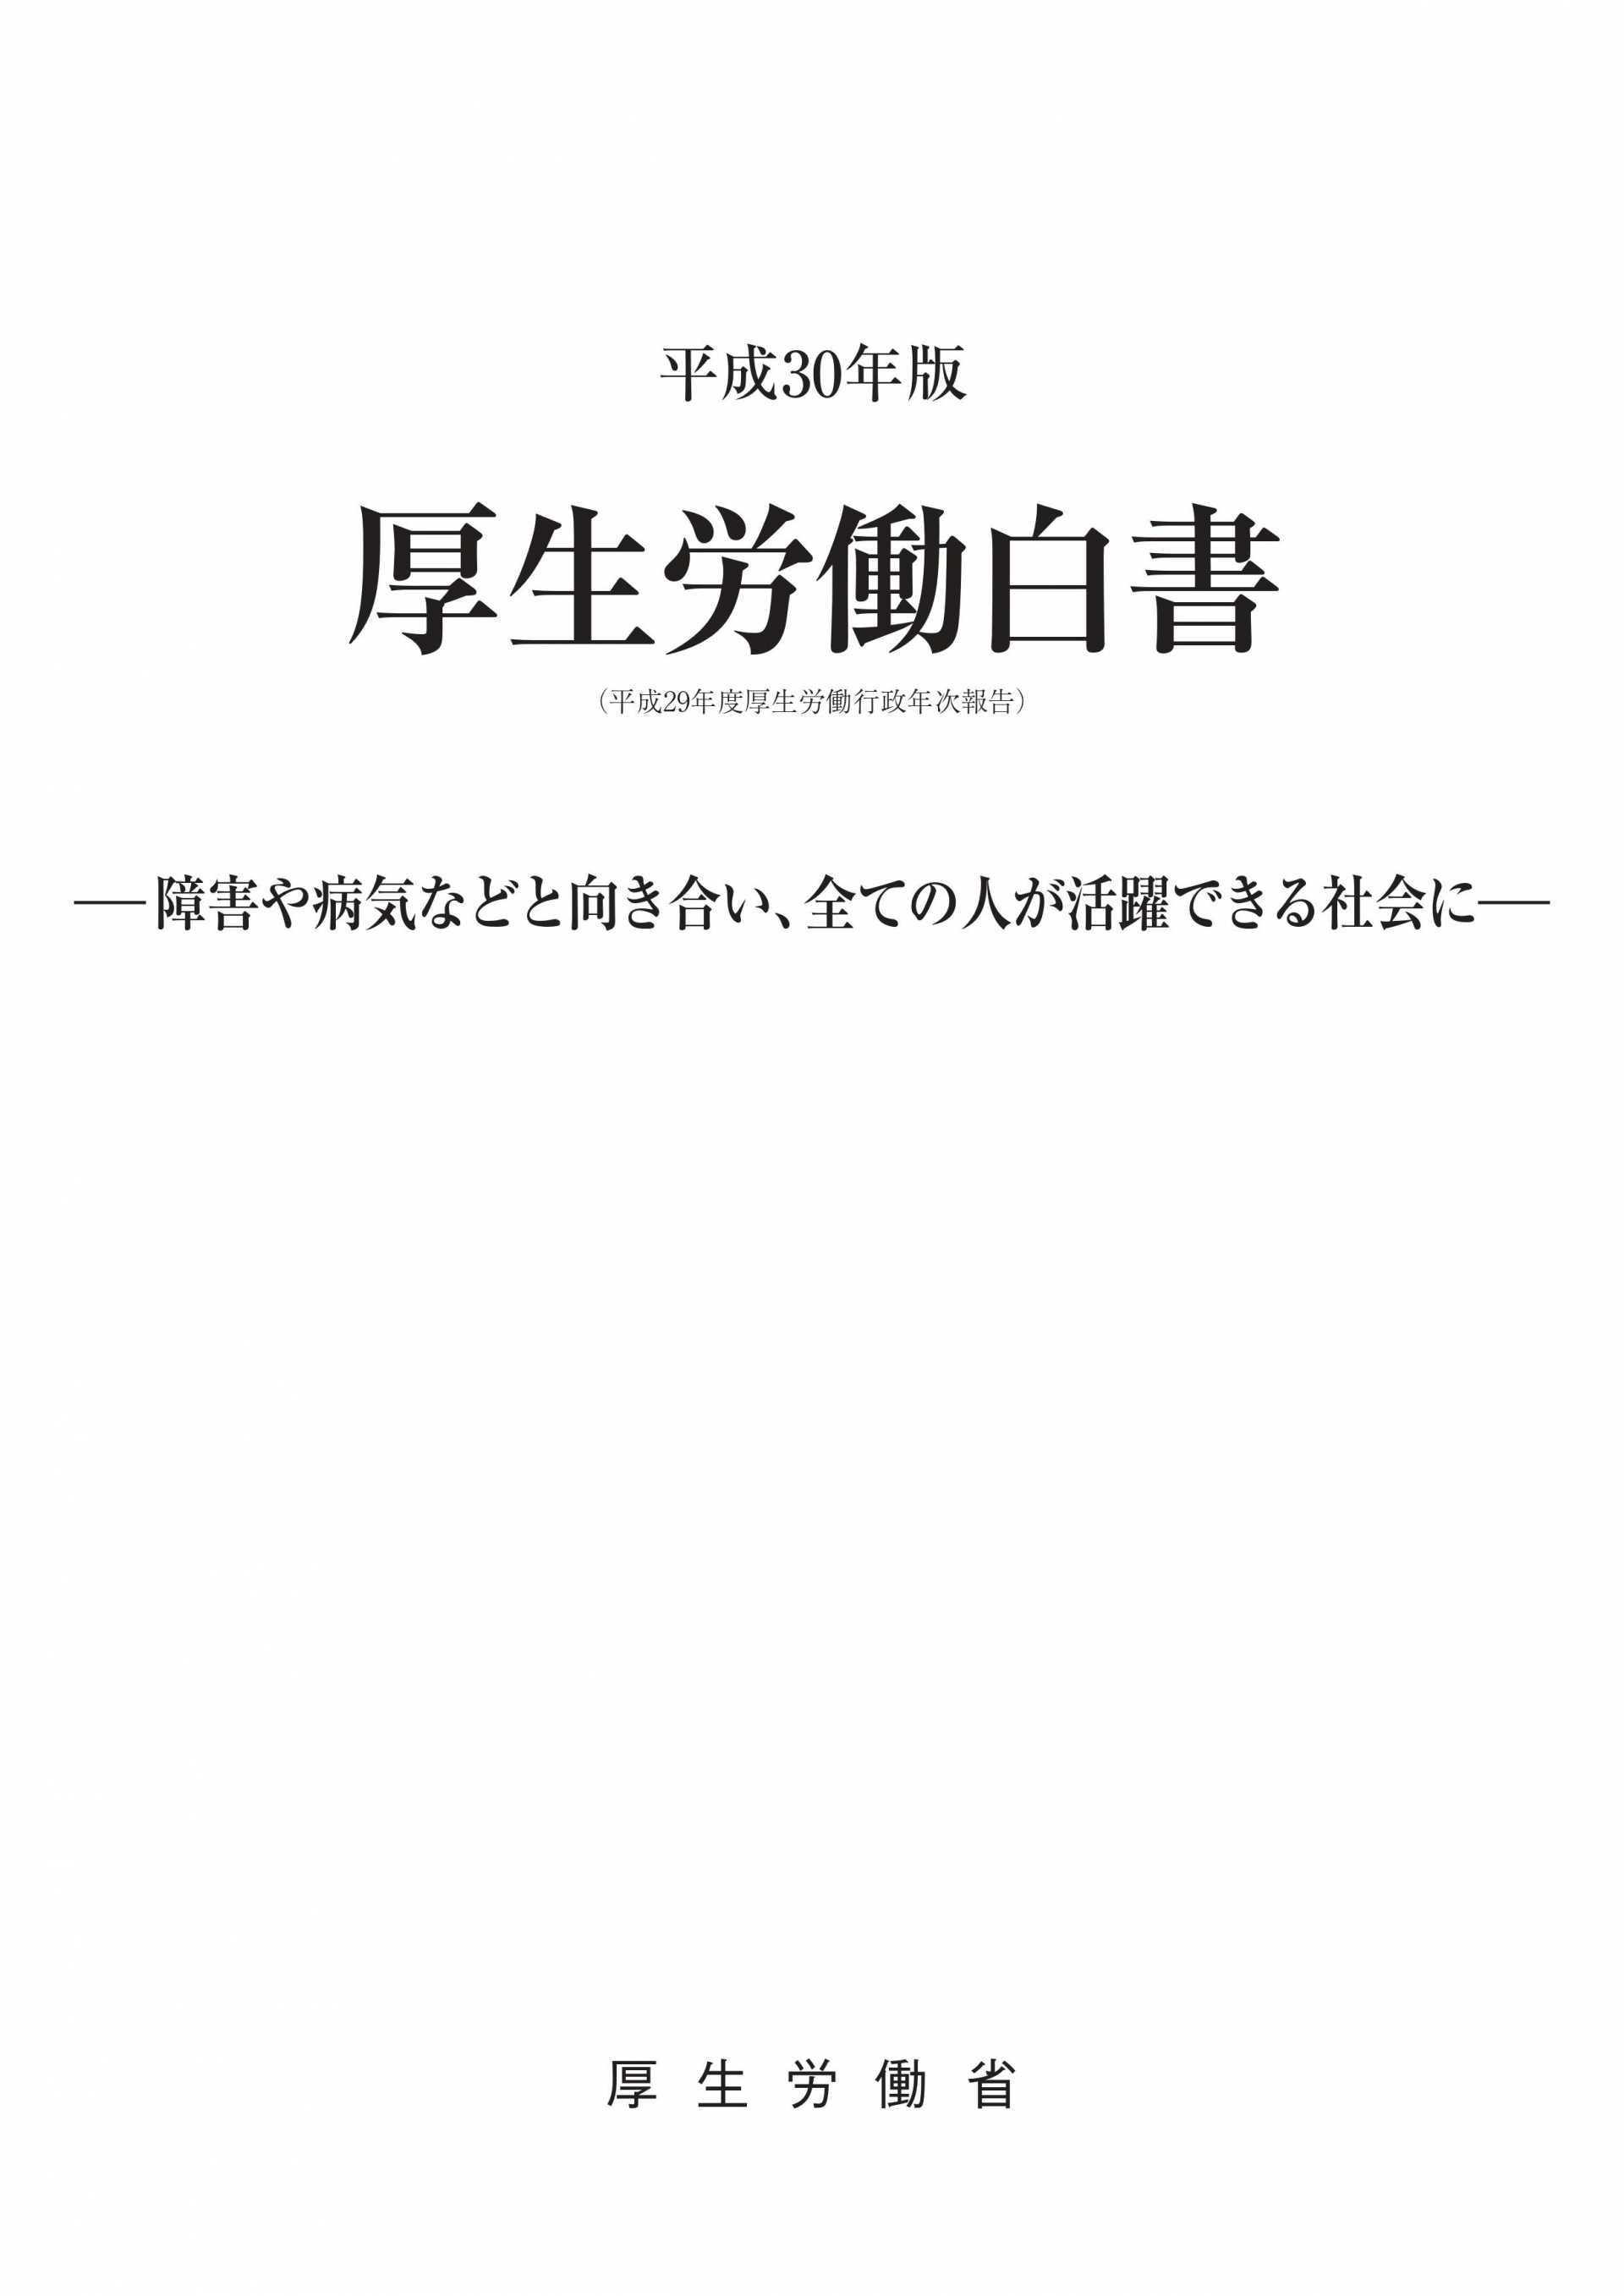 平成30年版 厚生労働白書で「しんわルネッサンス」が紹介されました!